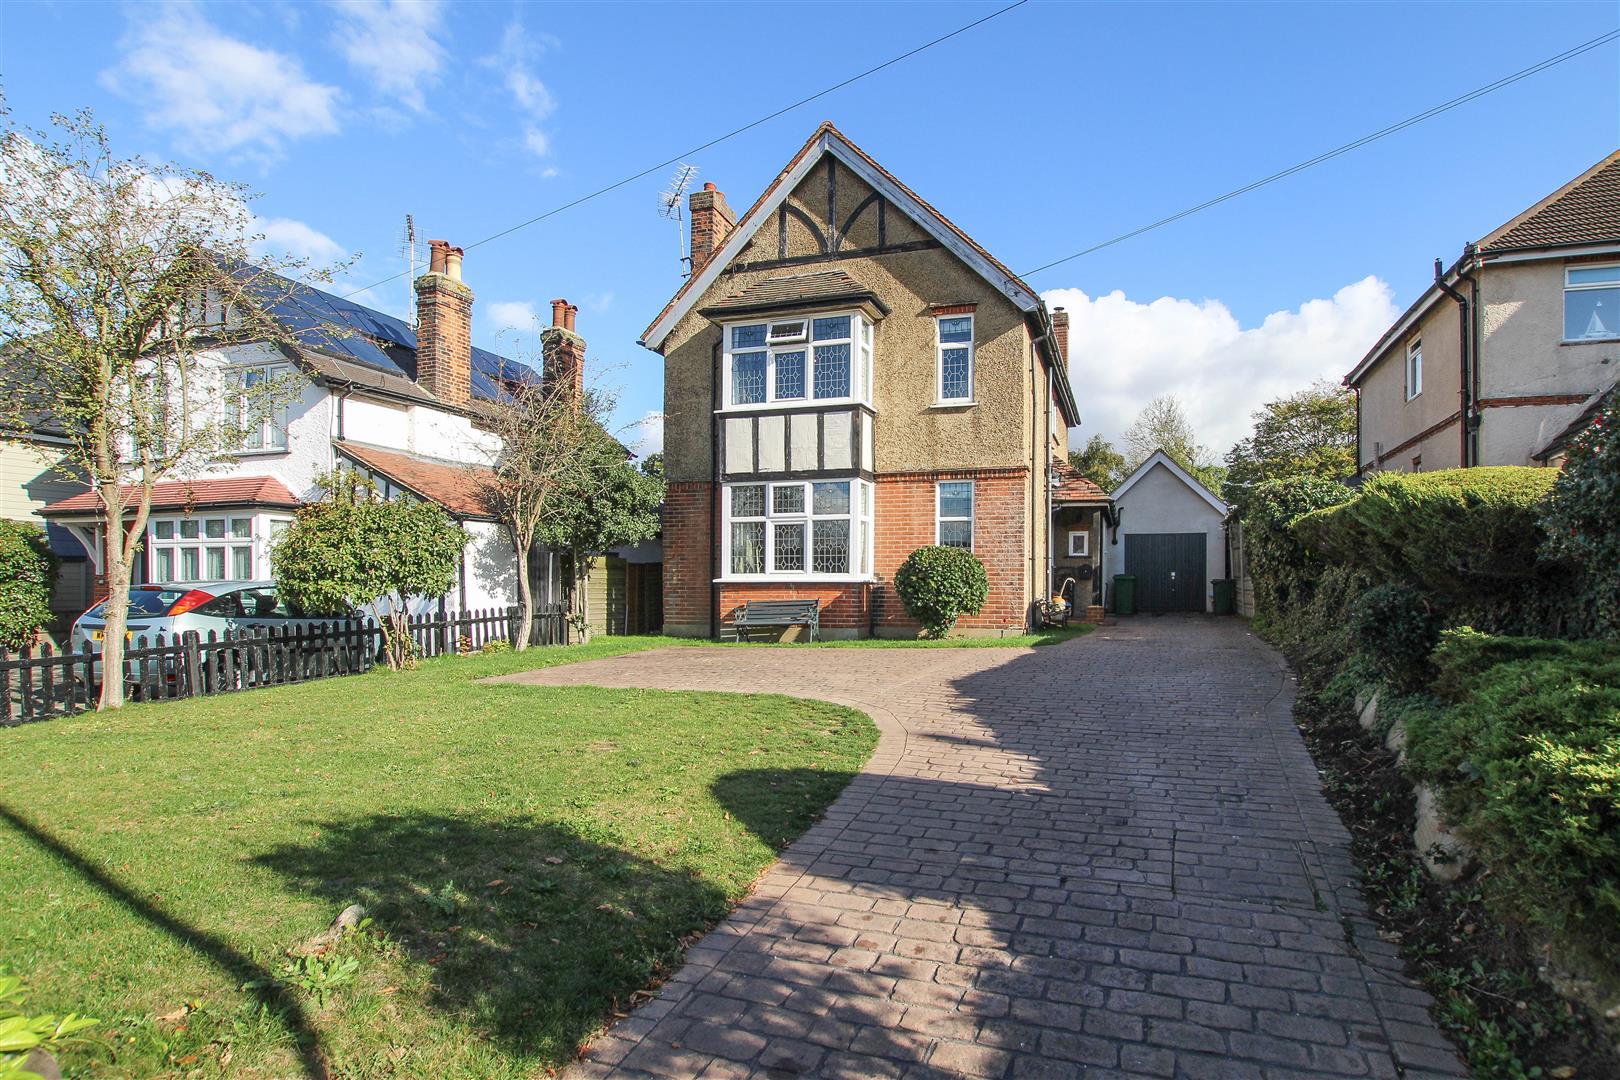 Doddinghurst Road